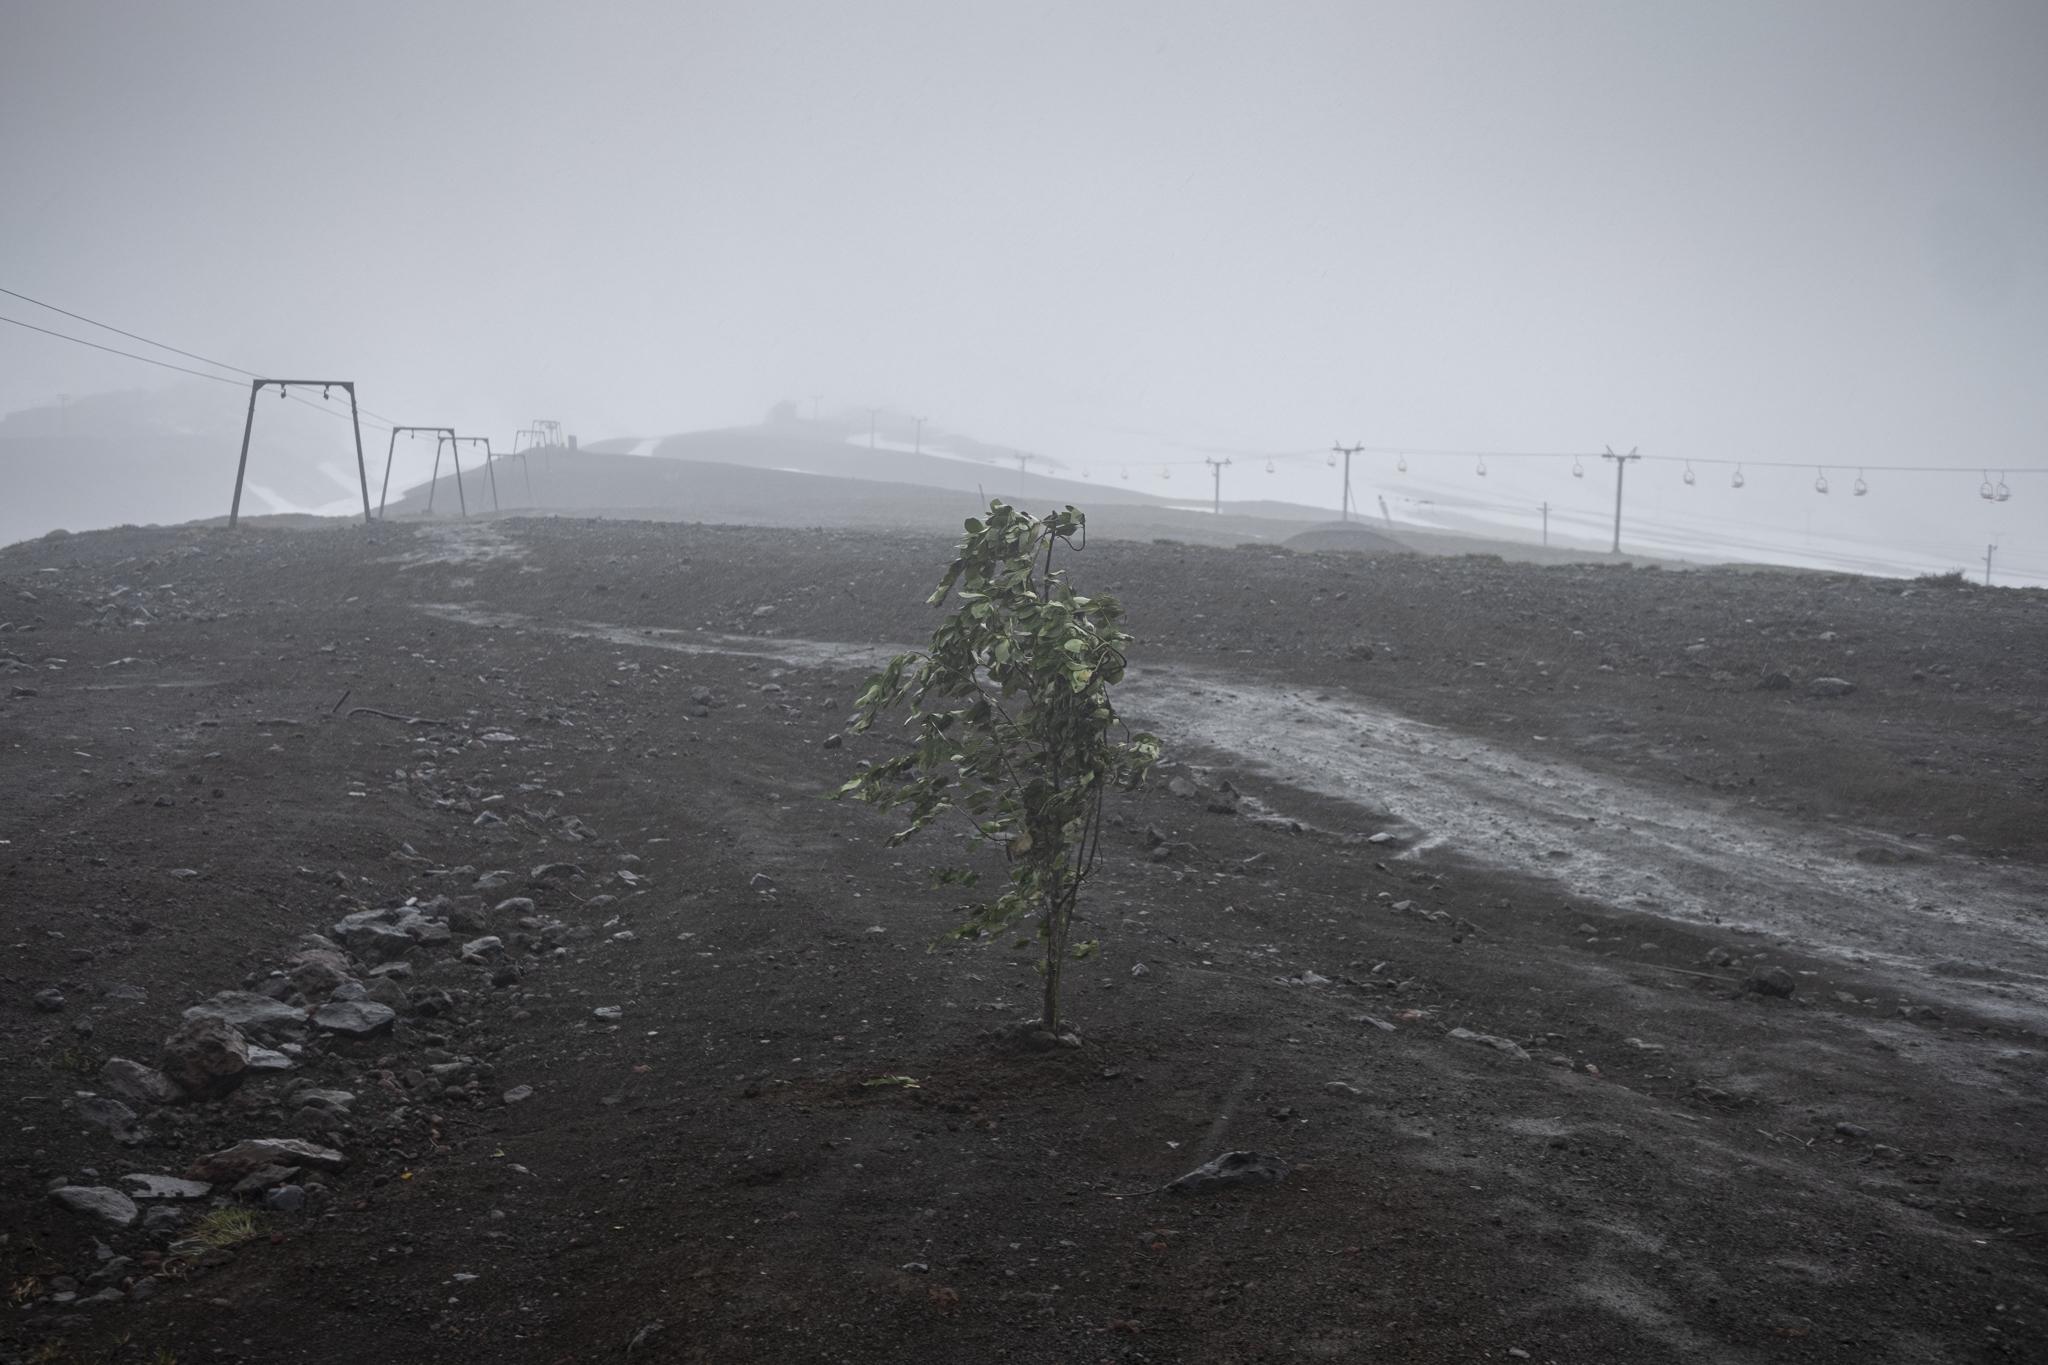 """El kimche Juan Ñanculef enterró un canelo, árbol sagrado para la cultura Mapuche, en las faldas del volcán Rucapillán, cuyo nombre se traduce como """"casa de los espíritus"""", el día del eclipse en la Araucanía, como rogativa."""